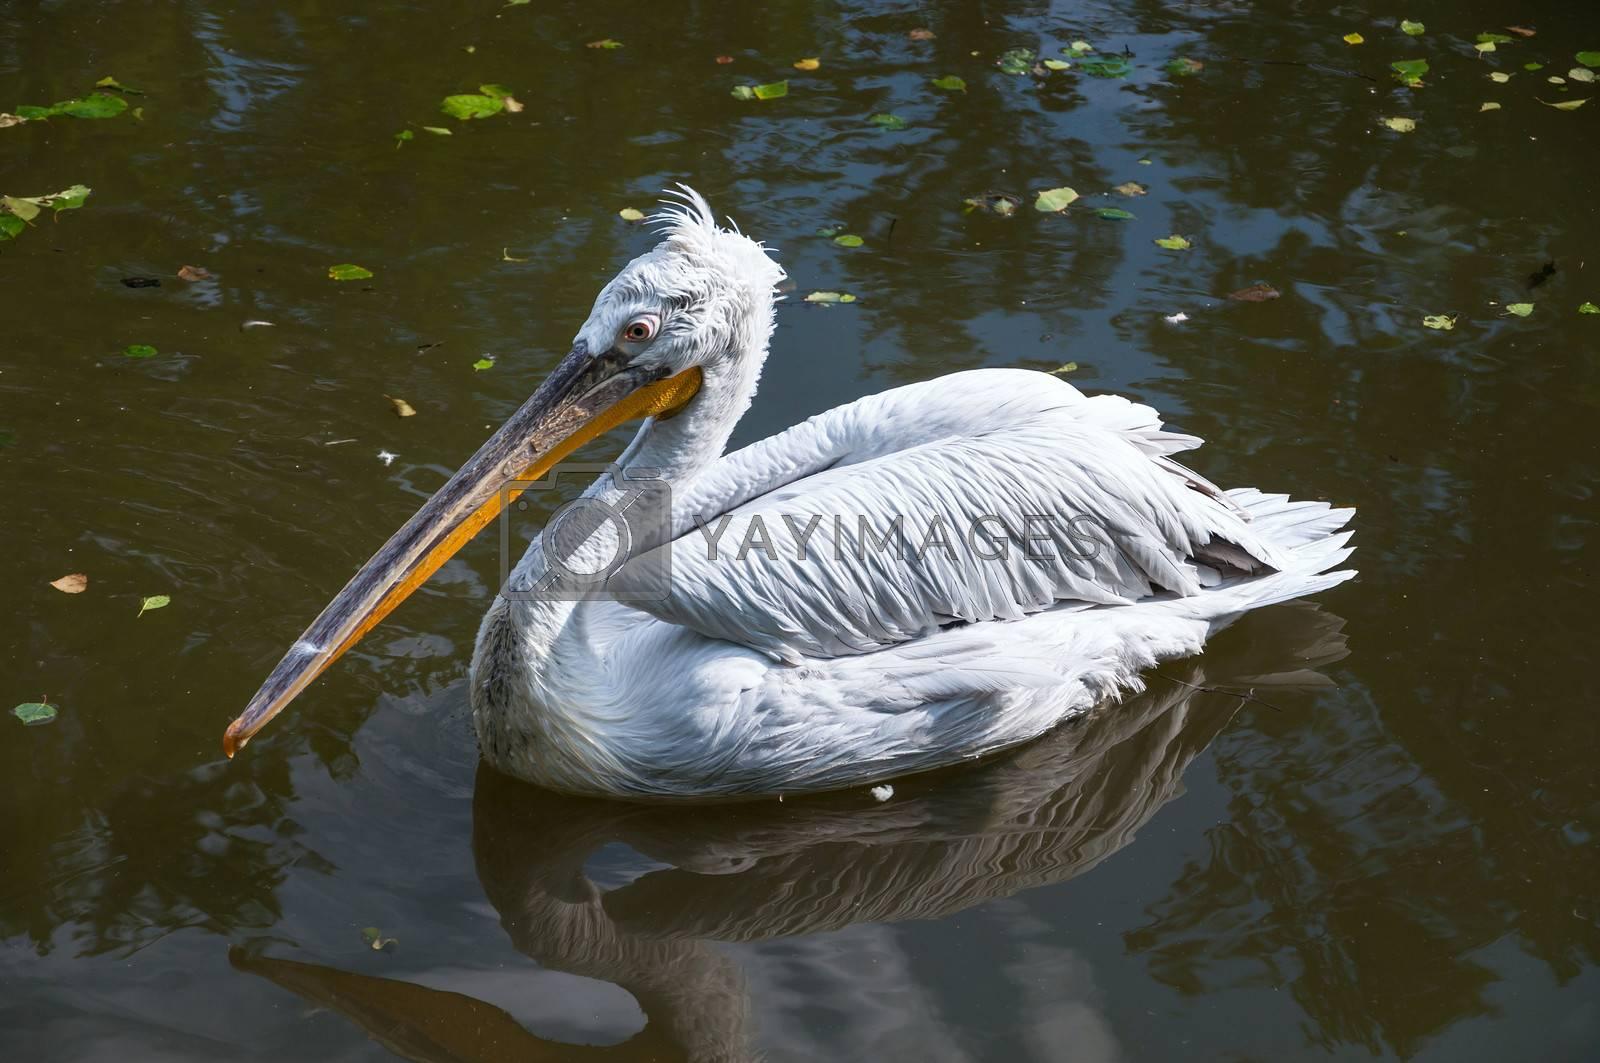 Dalmatian Pelican in the lake.